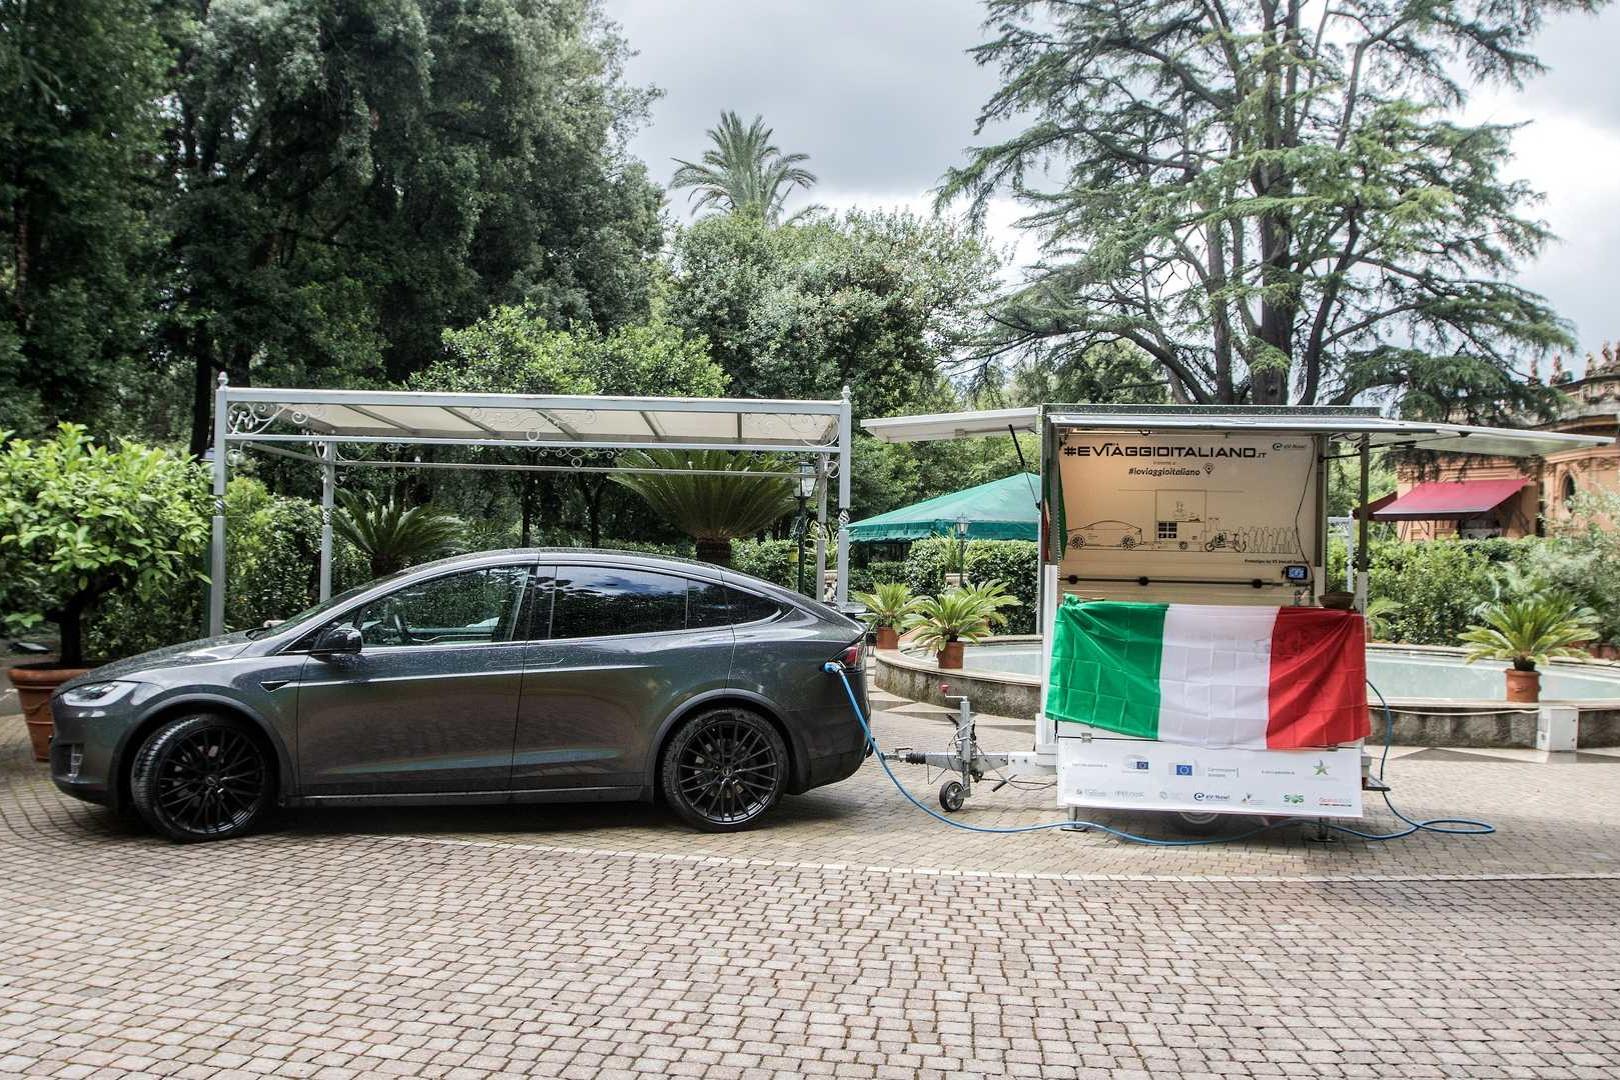 Il 4 settembre parte dalla Campania #EViaggioItaliano, il tour elettrico con la prima cucina mobile al mondo alimentata ad energia solare